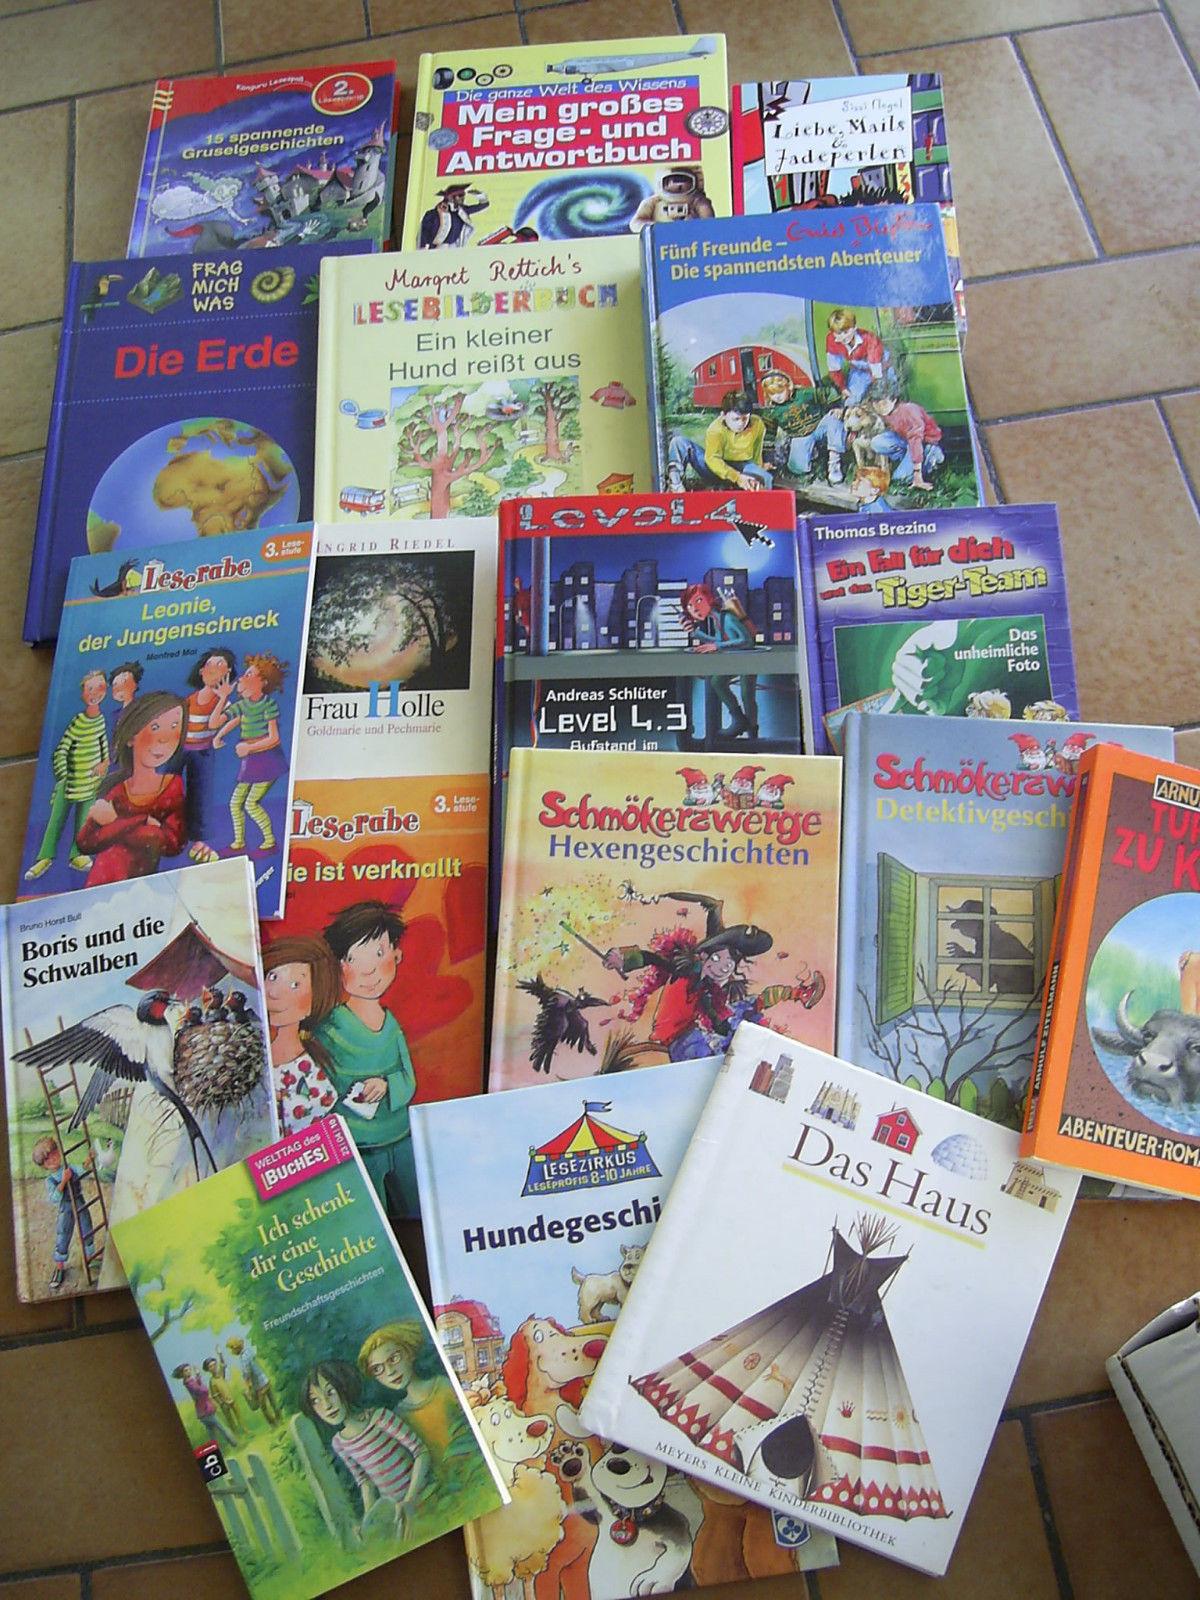 über 30 Kinderbücher und Jugendbücher- Buchpaket